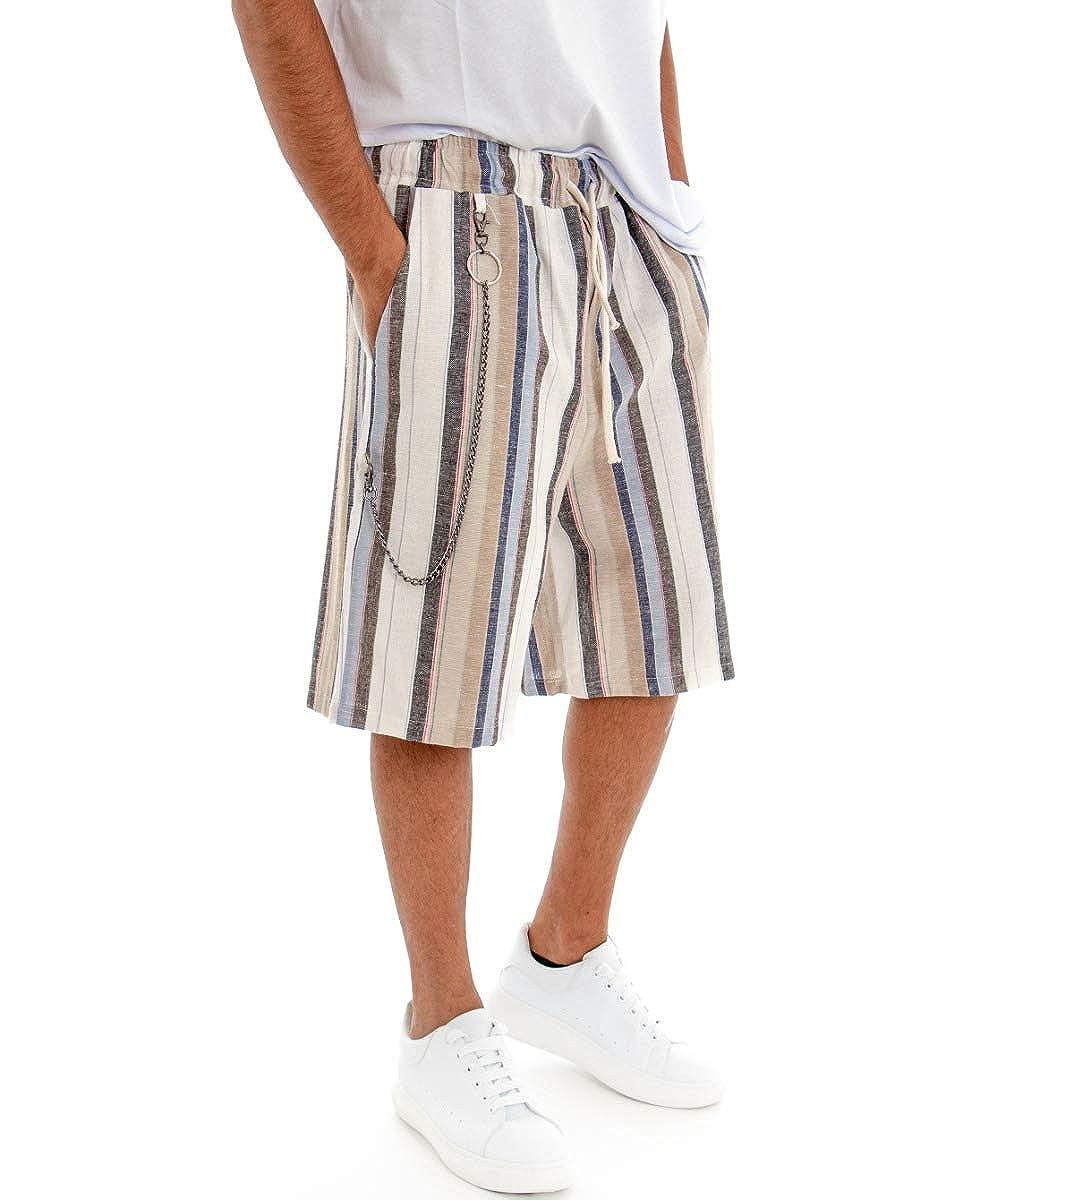 Giosal Pantalone Corto Uomo Bermuda Lino Beige Pantaloncini Rigato Righe Multicolore